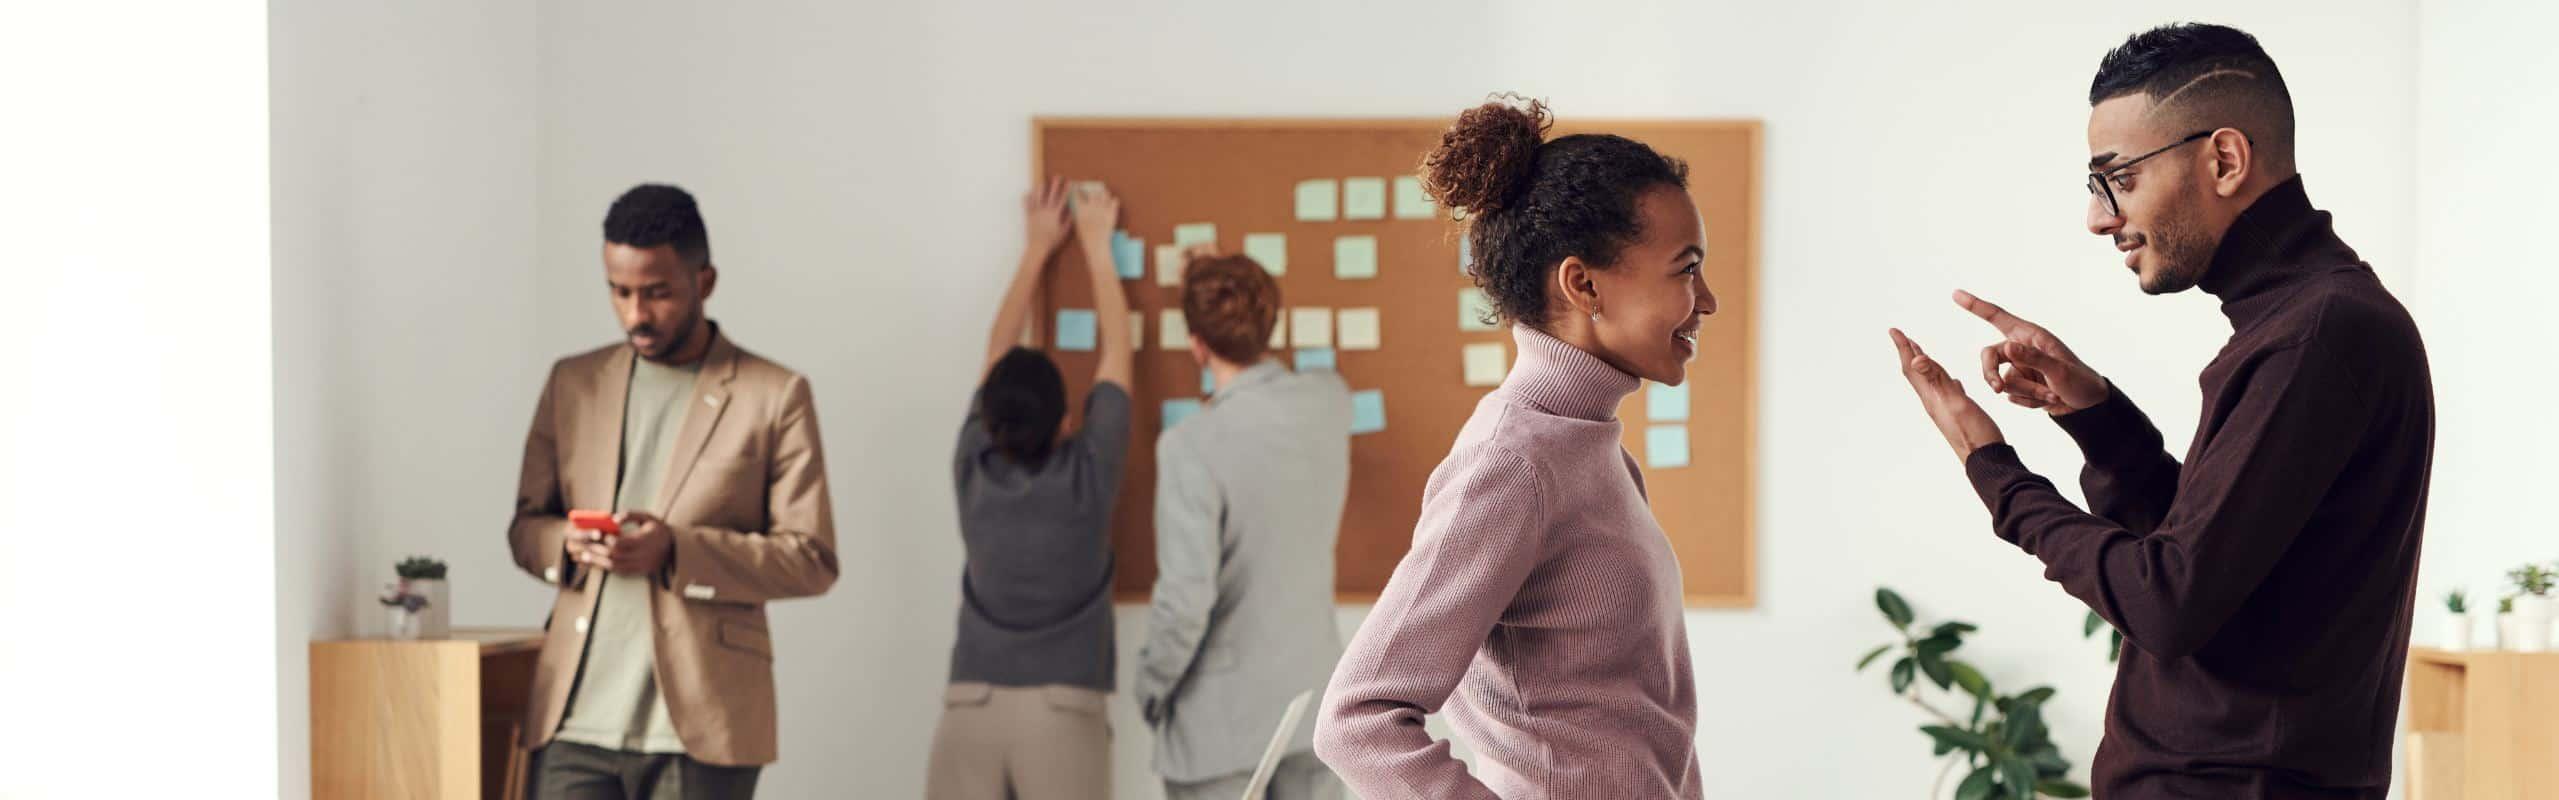 cómo aplicar la asertividad en el trabajo